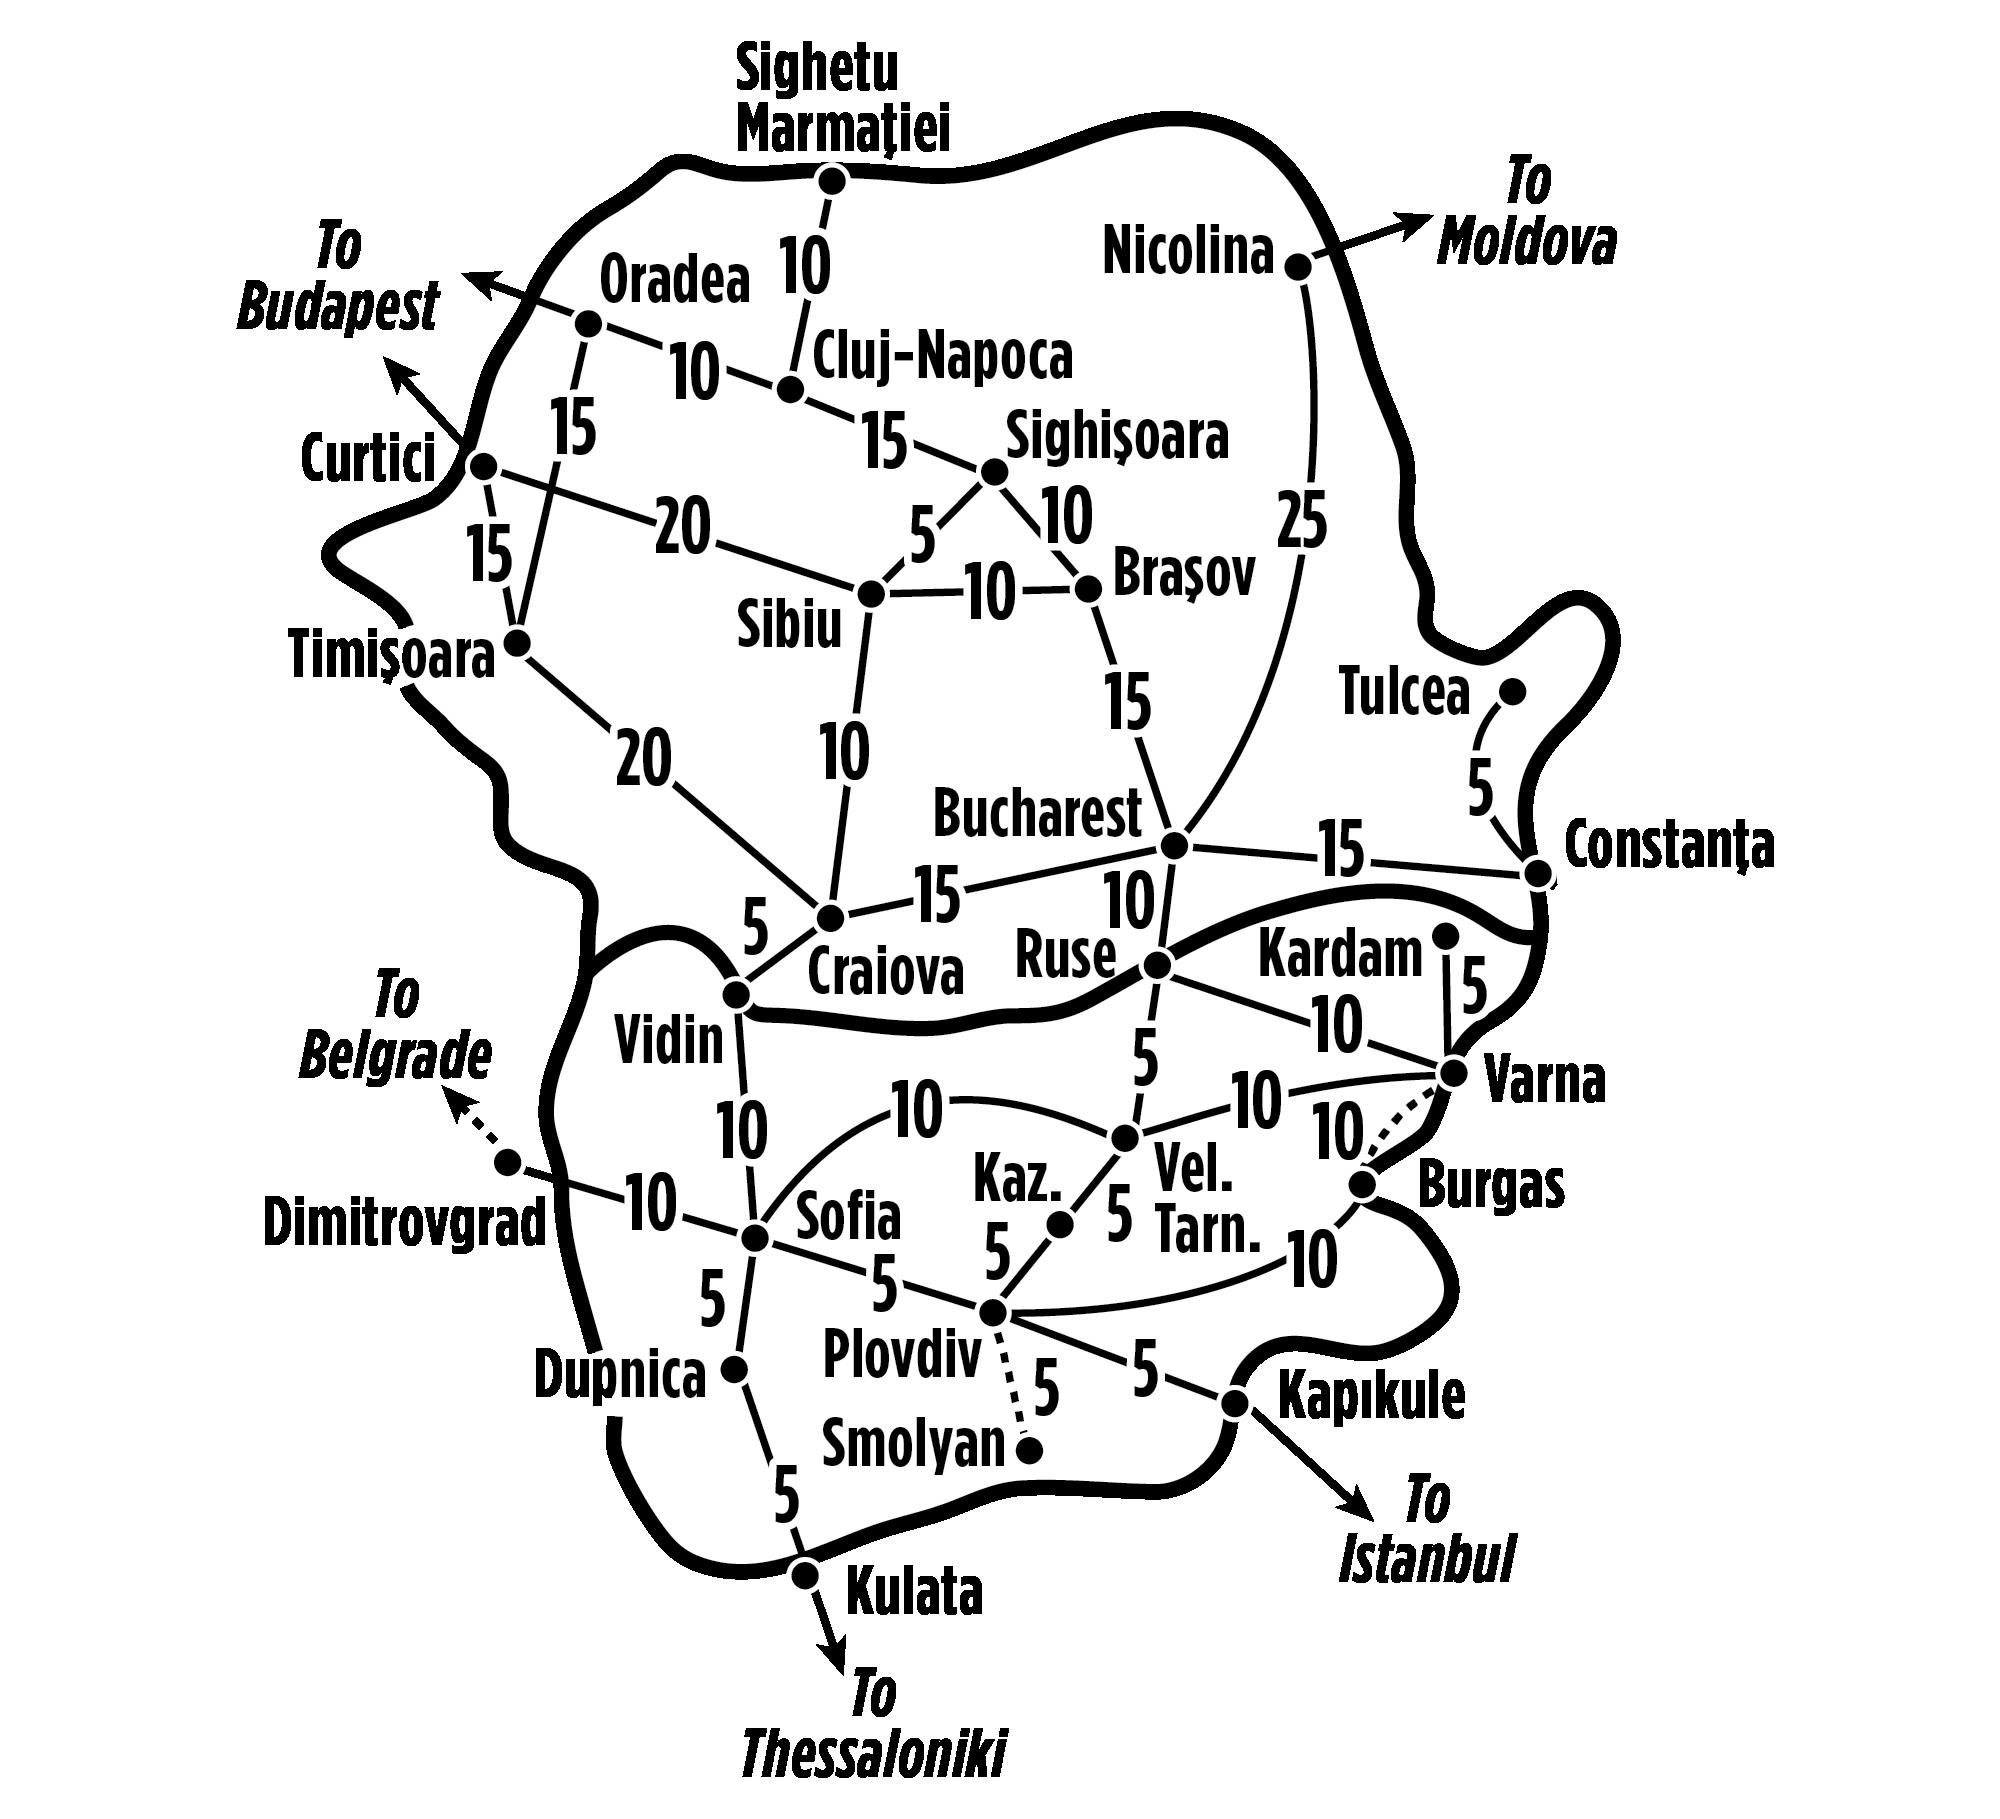 Train-Ticket Cost-Estimate Maps